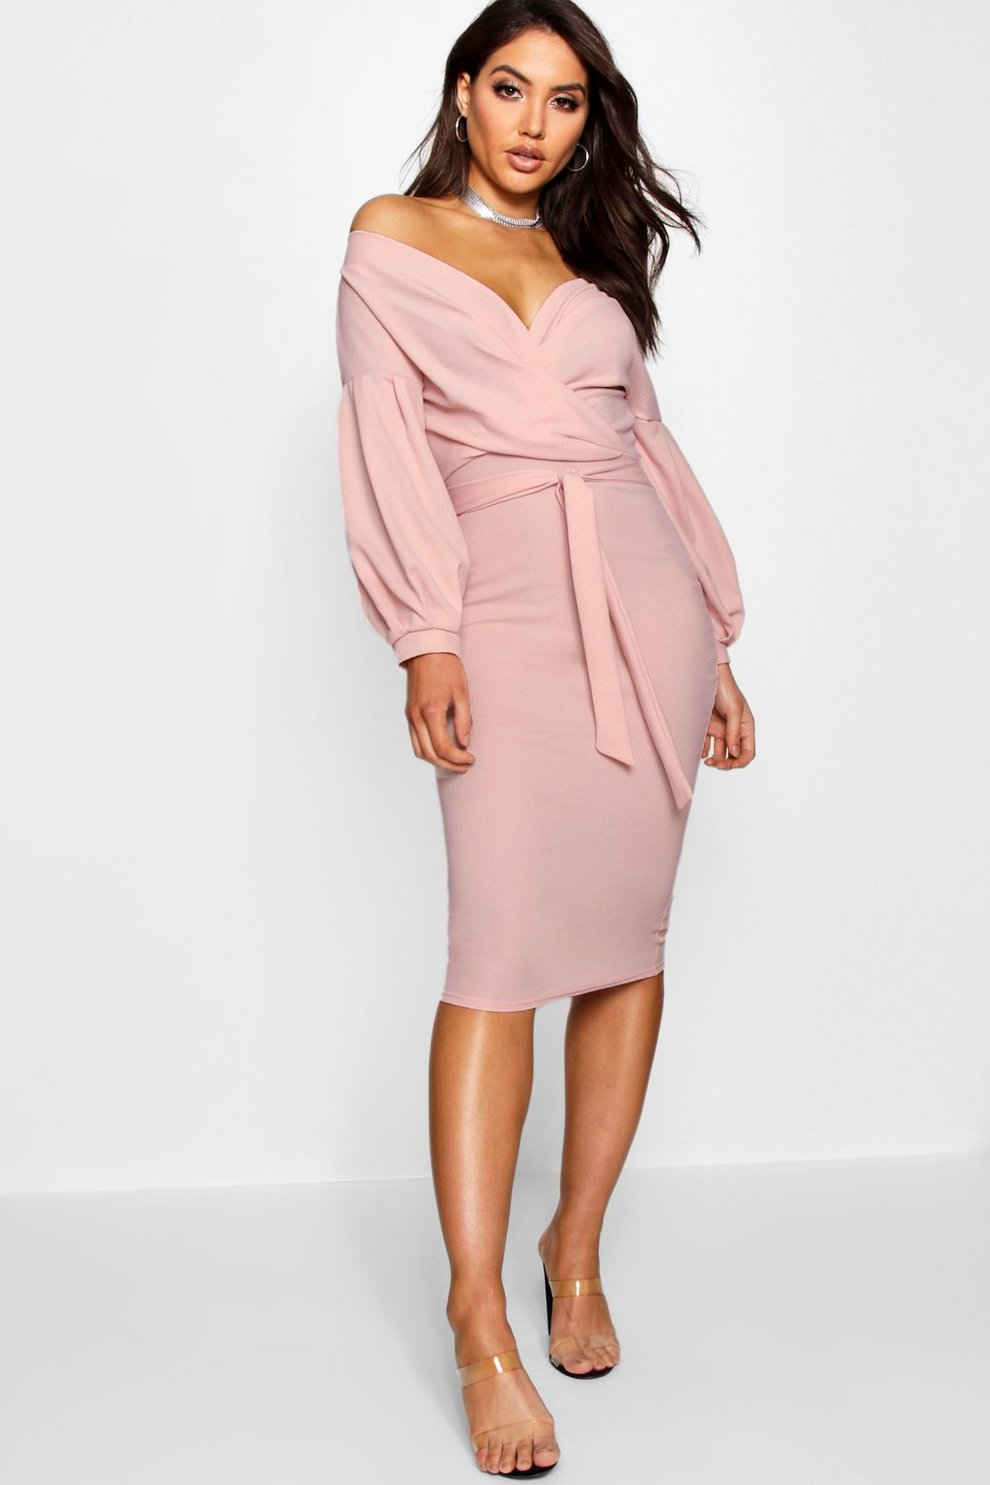 fb2801a48f77 Womens Blush Off The Shoulder Wrap Midi Bodycon Dress